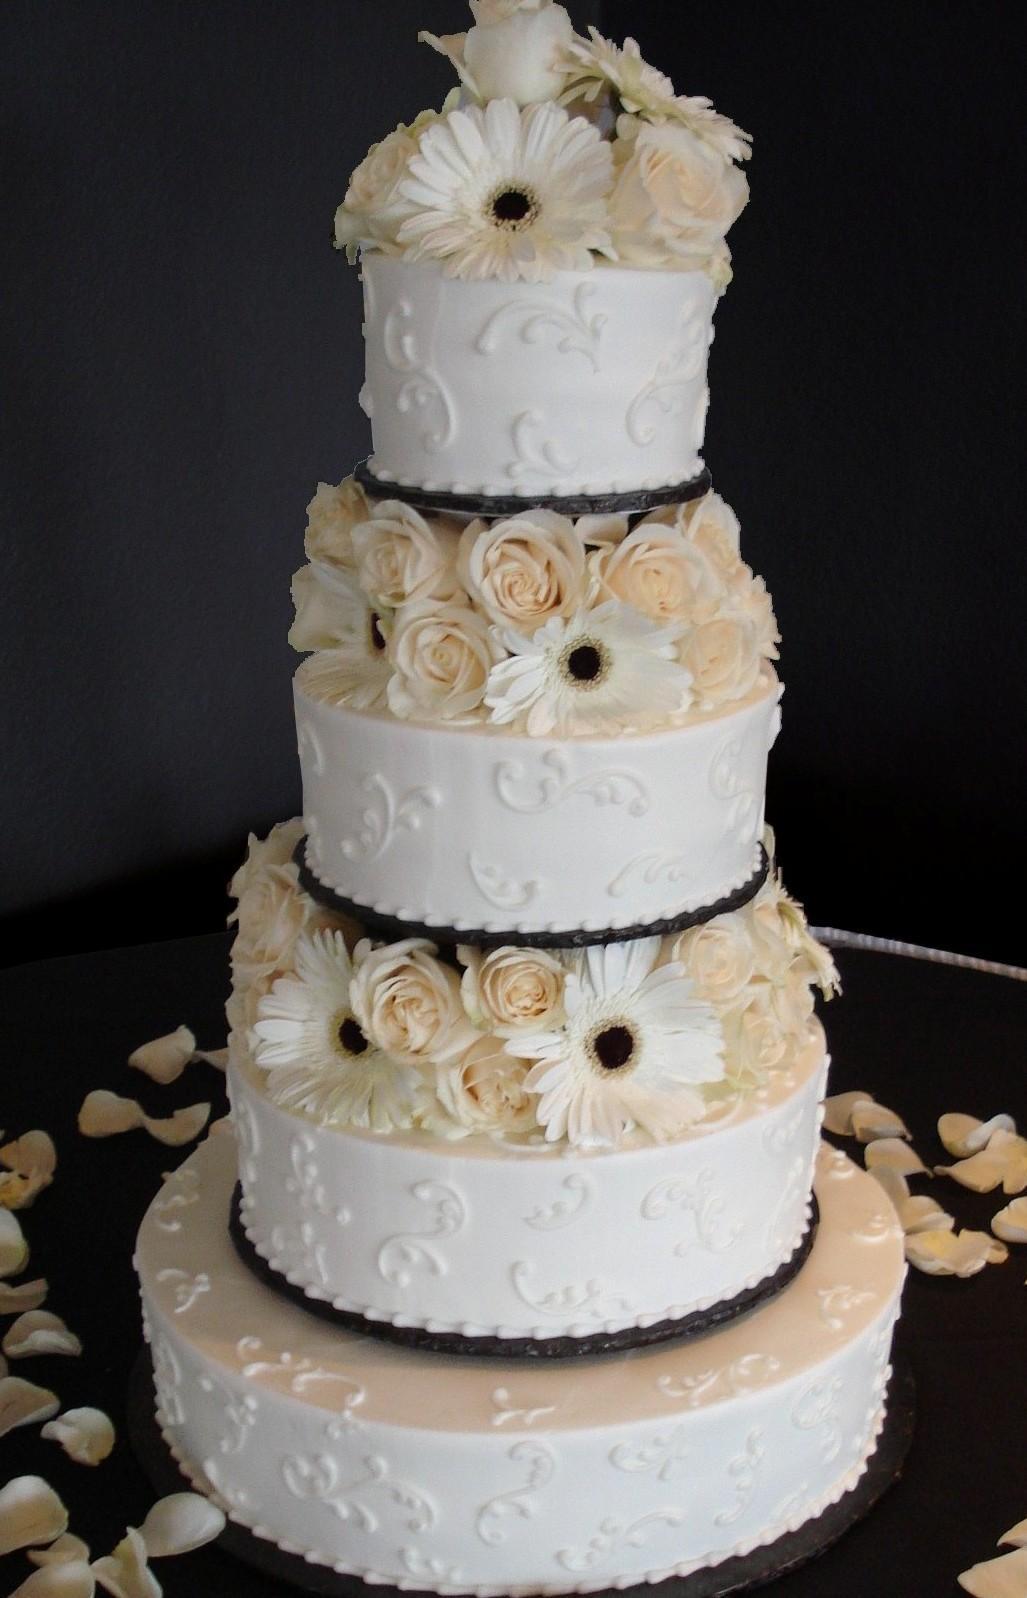 All Cakes Sugar Showcase